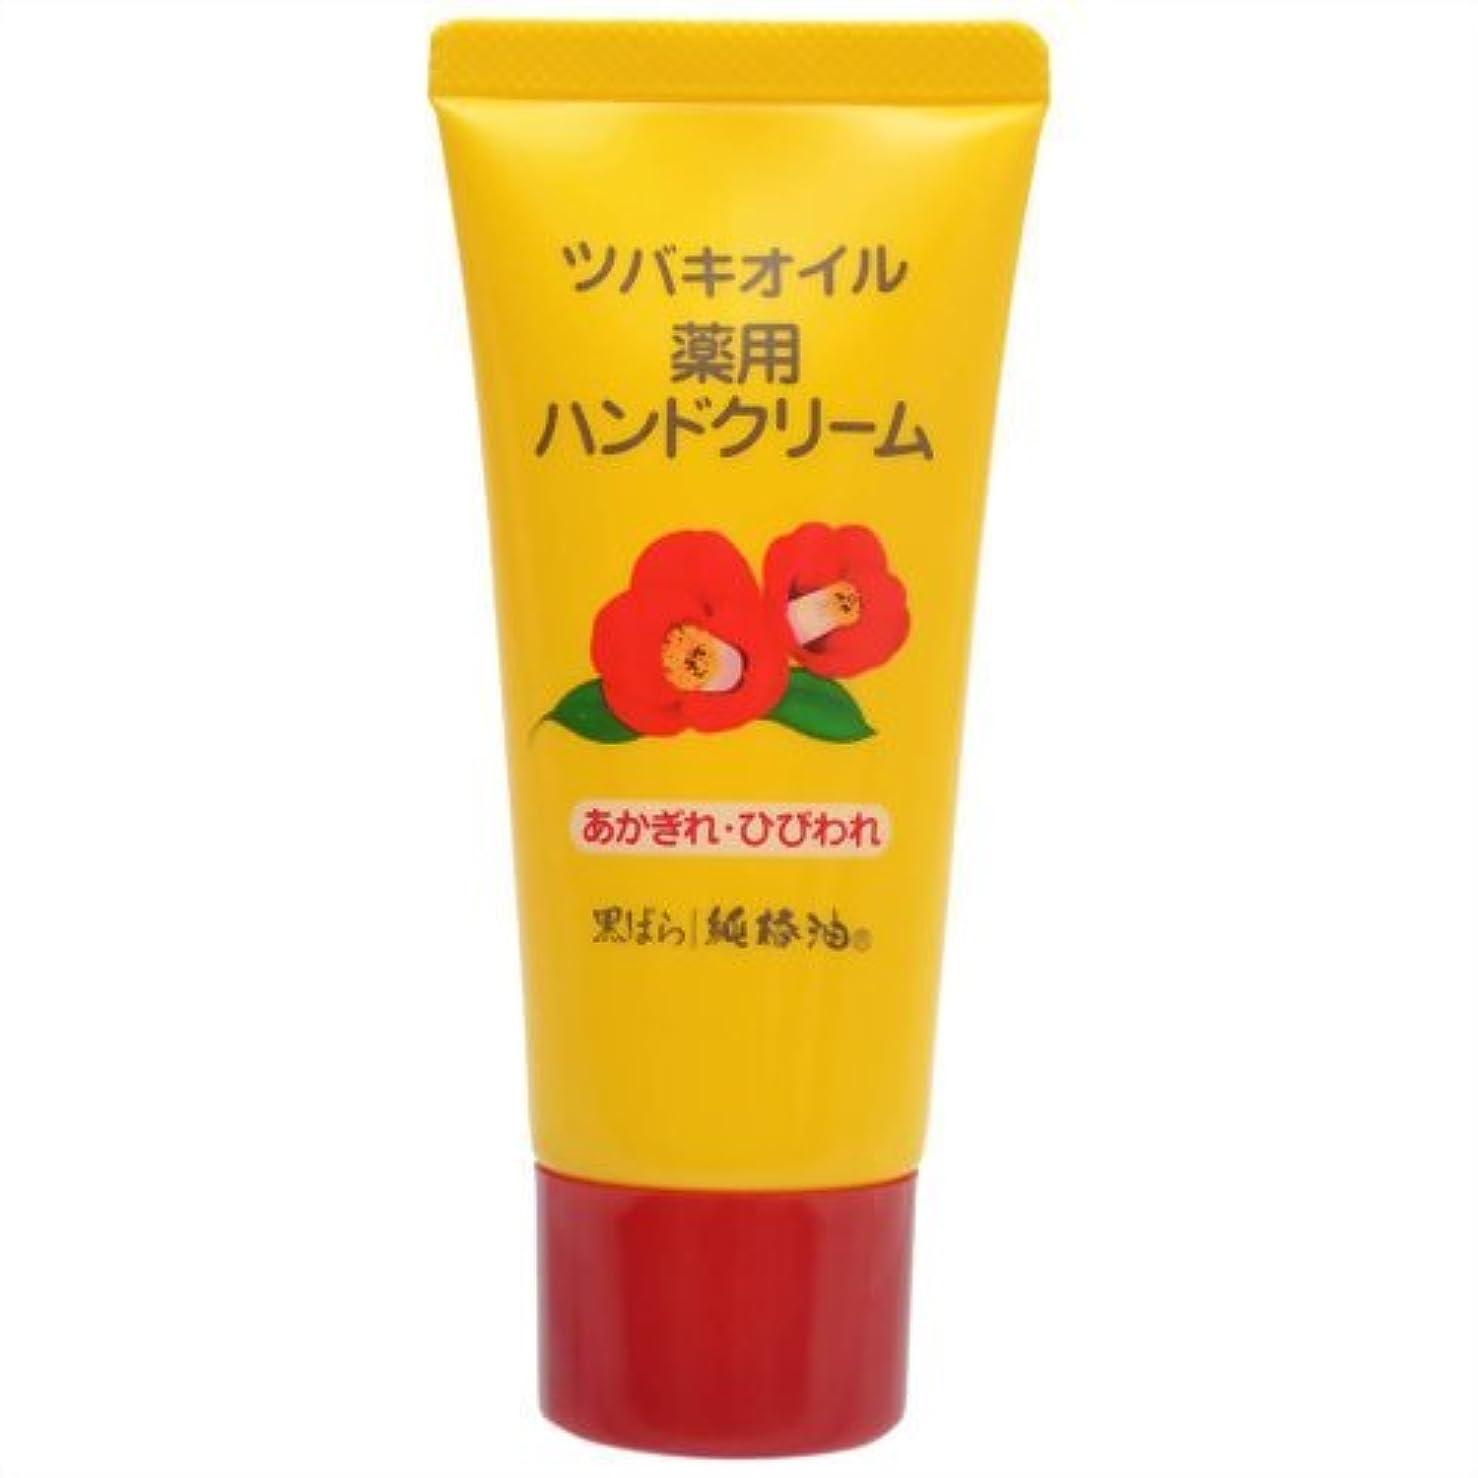 バレエ楽観的成熟黒ばら本舗 黒ばら 純椿油 ツバキオイル 薬用ハンドクリーム 35g